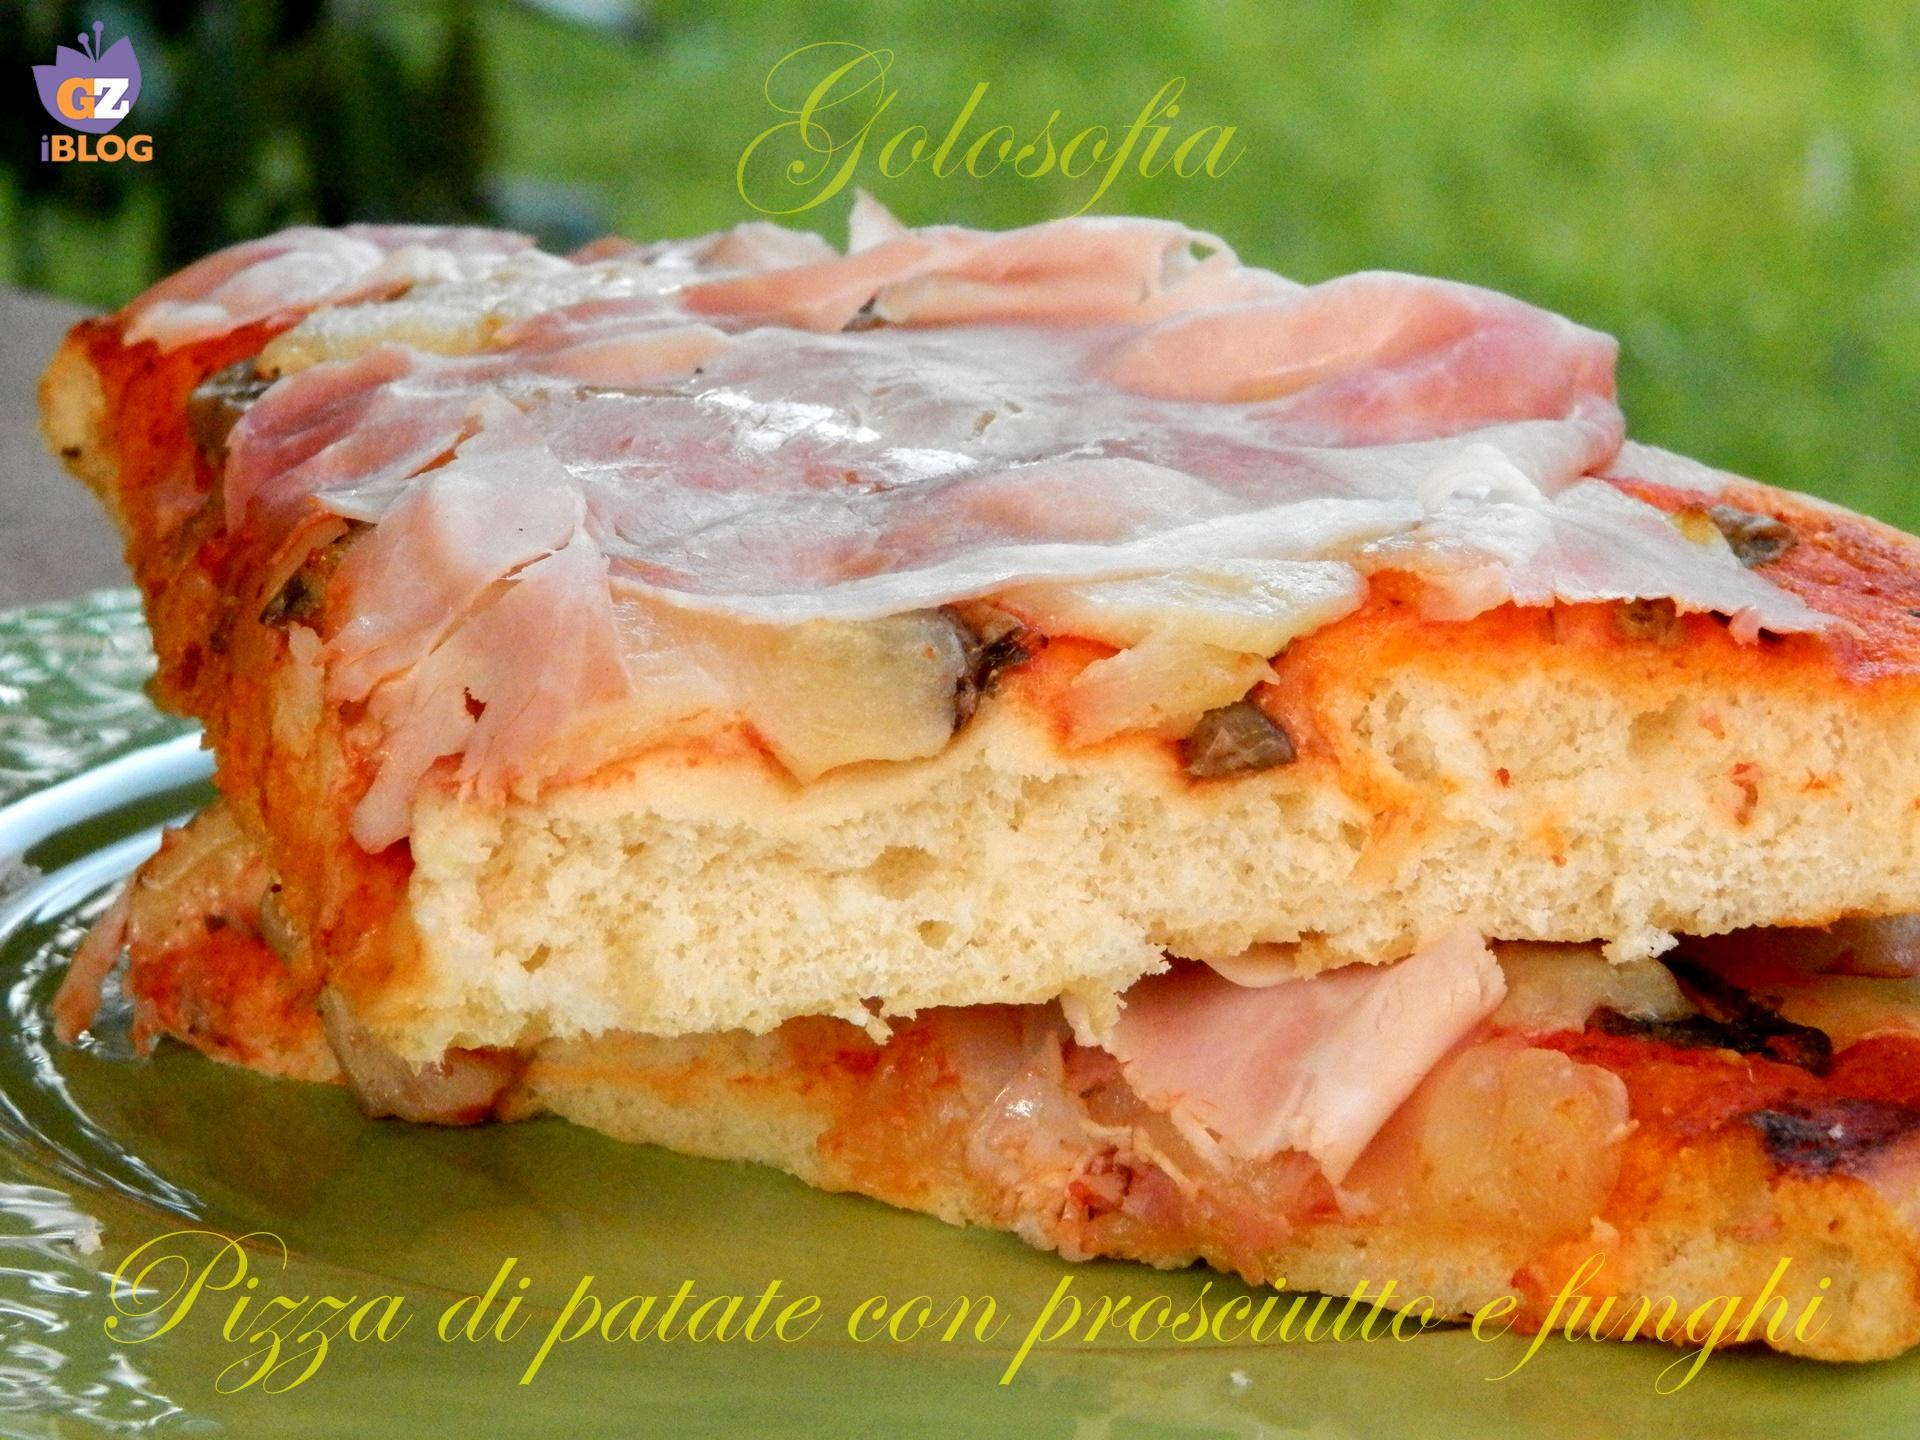 Pizza di patate con prosciutto e funghi, ricetta soffice lievitati